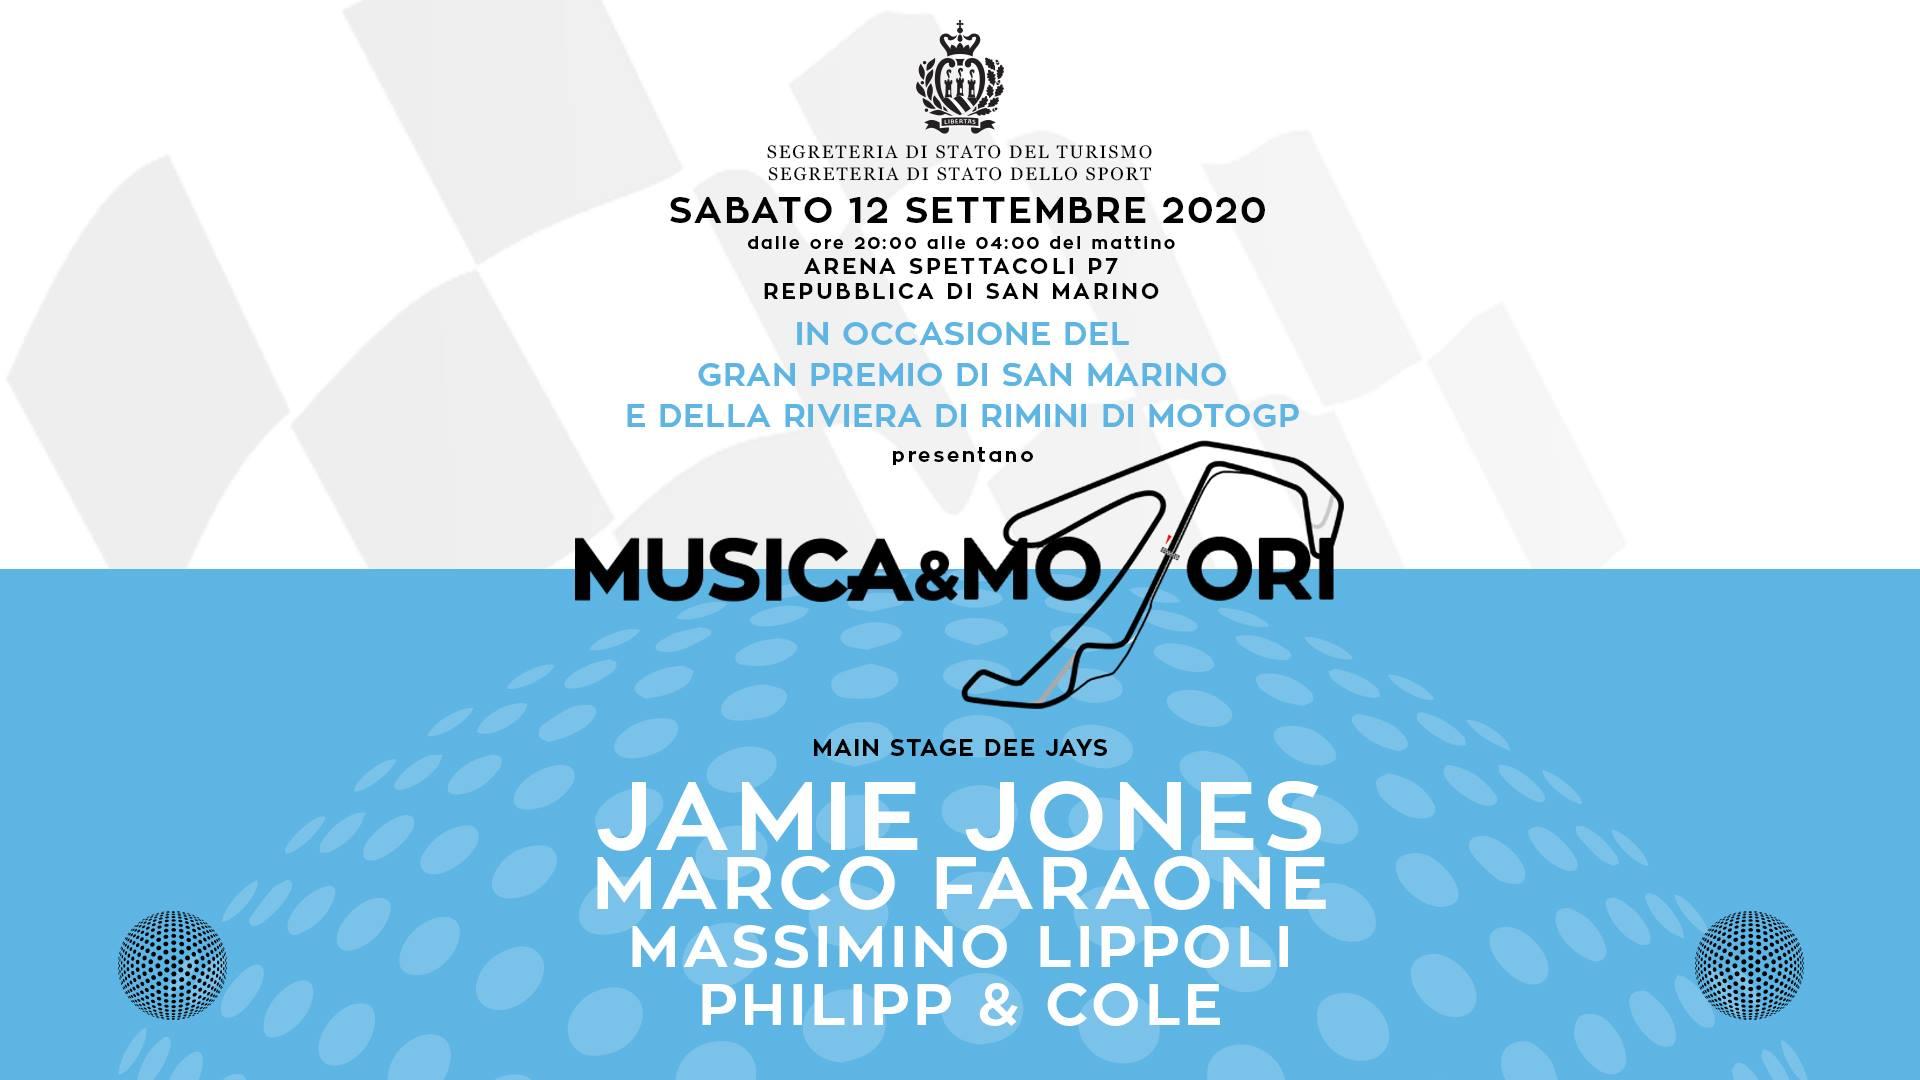 12 settembre 2020 musica e motori san marino